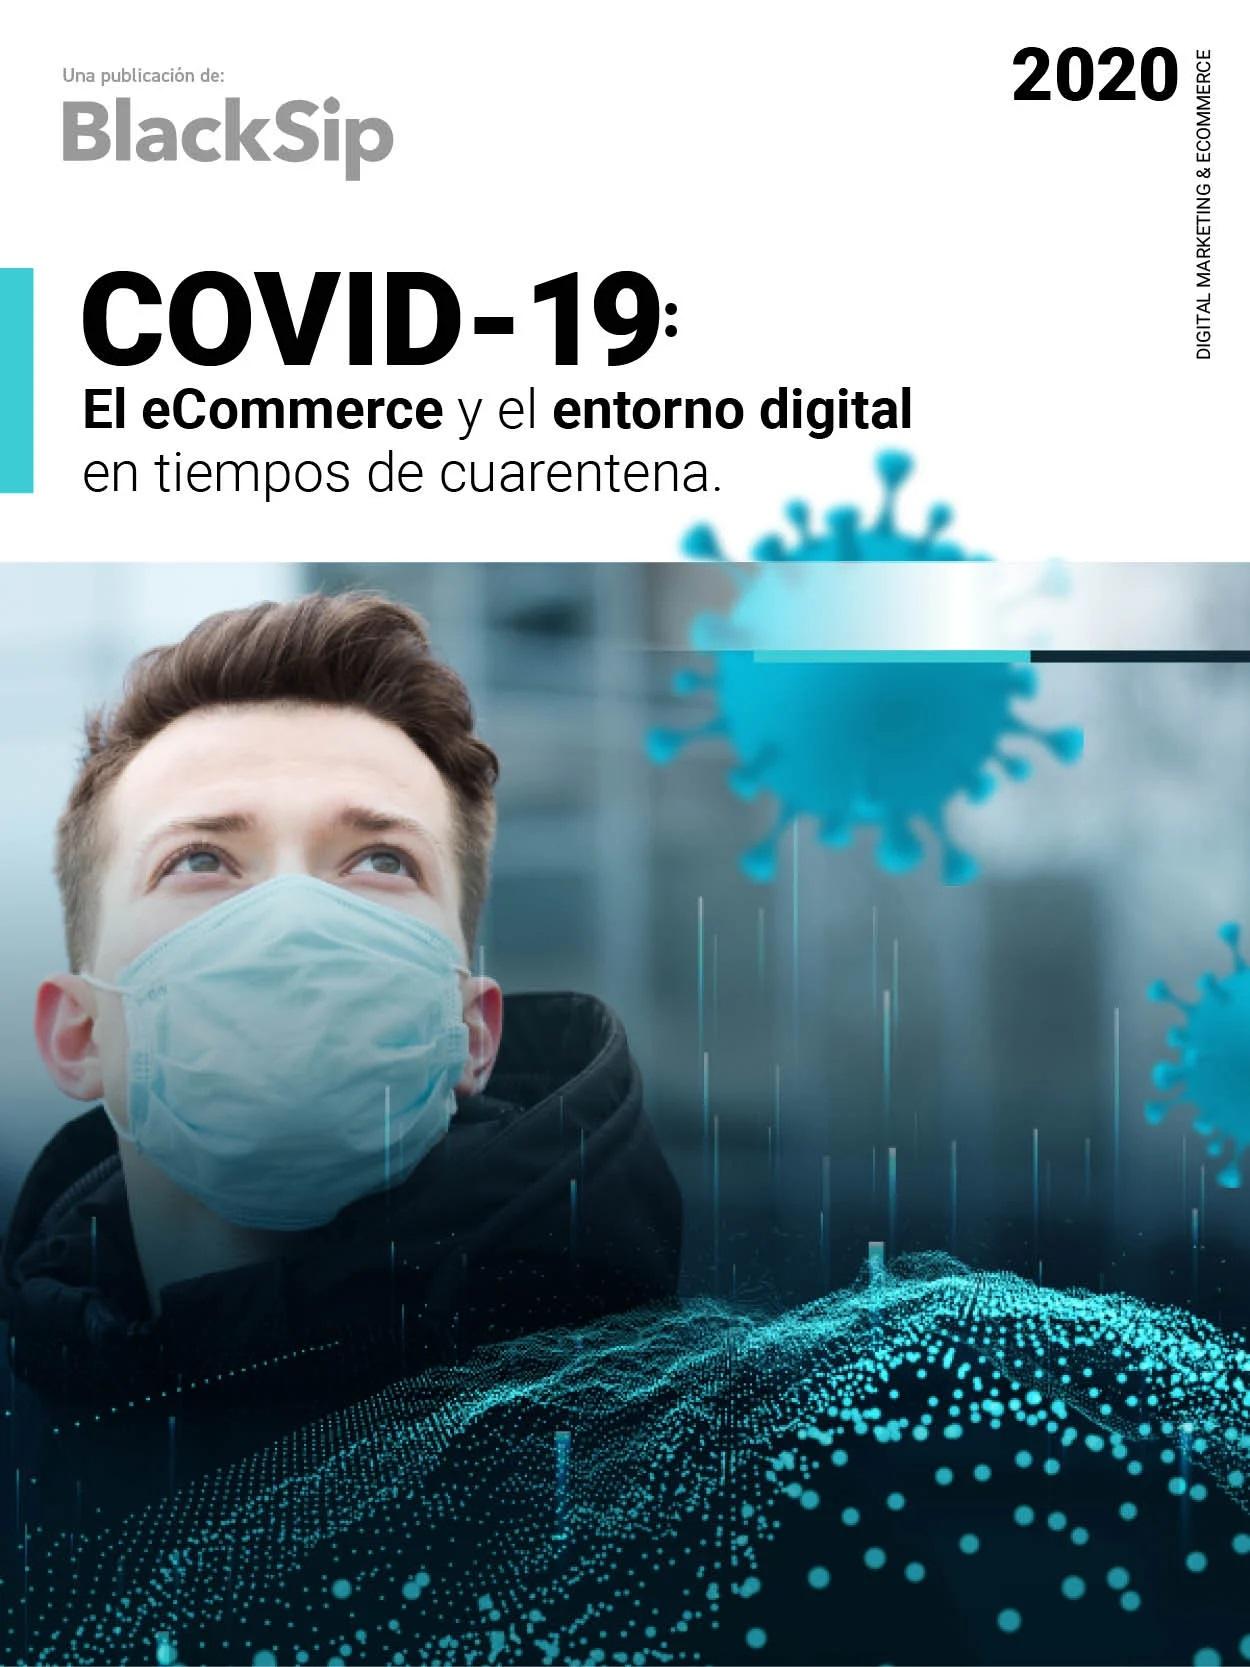 COVID-19 el e-commerce y el entorno digital en tiempos de pandemia